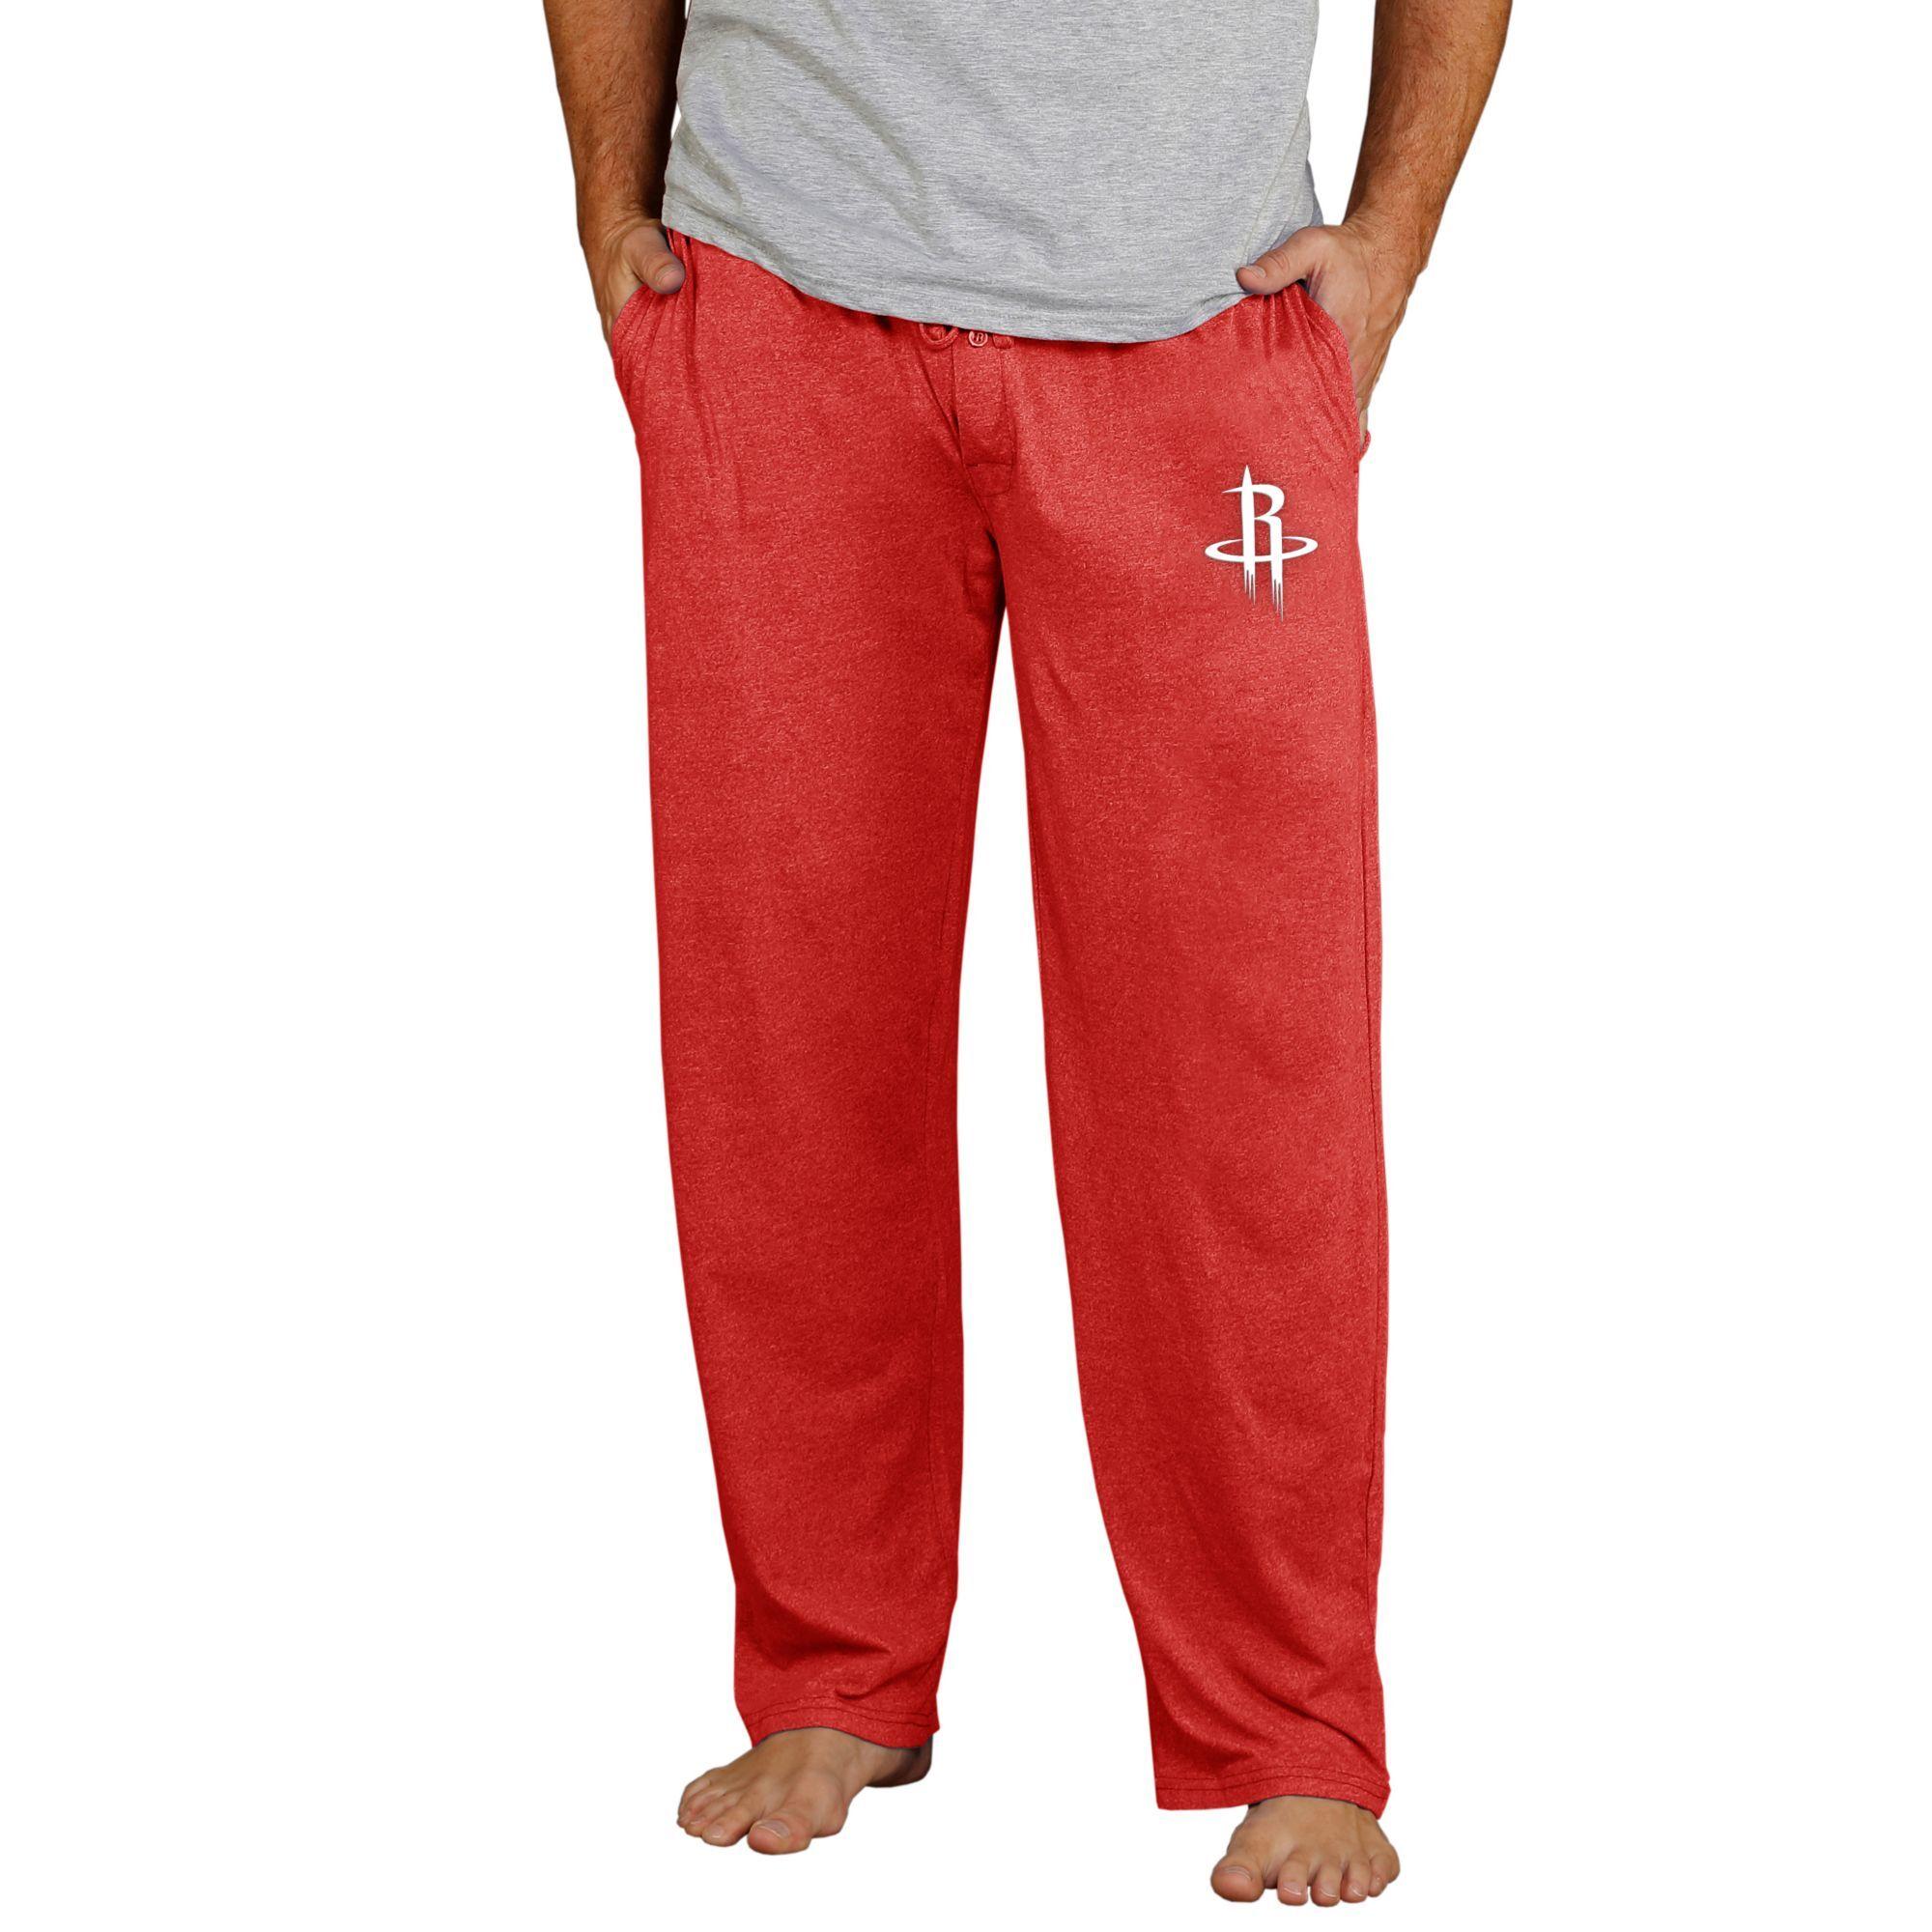 Concepts Sport Men's Houston Rockets Quest Knit Pants, Large, Red